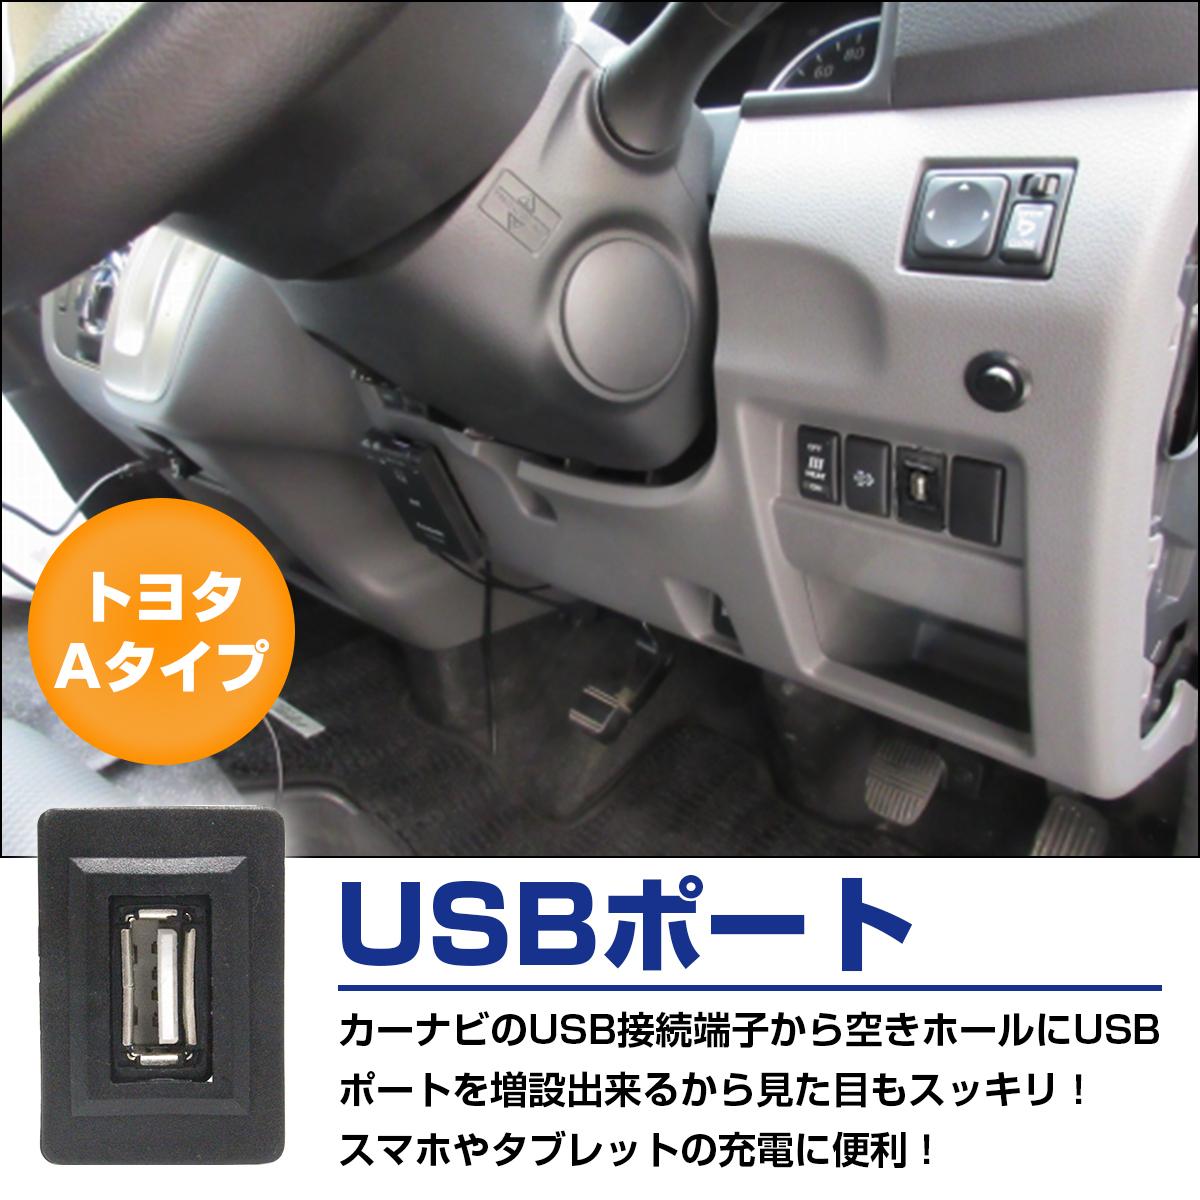 【送料無料~】【トヨタAタイプ】 ヴィッツ UZJ/HDJ100系 H17.2~H22.11 USB接続通信パネル 配線付 USB1ポート 増設USBケーブル 2.1A 12V_swhl-b-001-bk-01-a